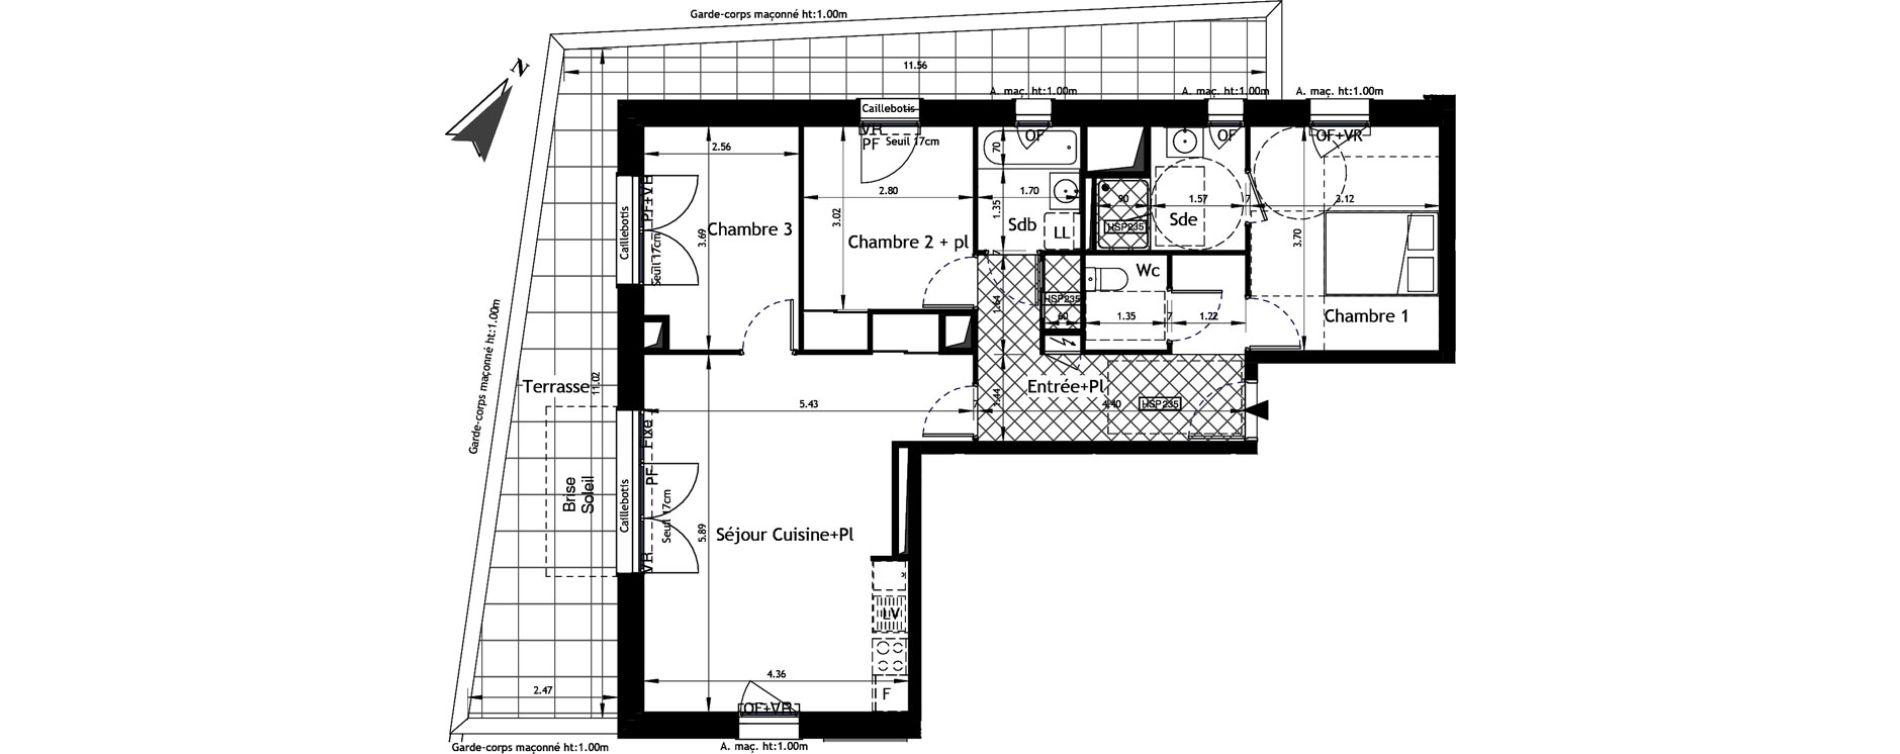 Appartement T4 de 78,08 m2 à Angers Hauts de saint-aubin